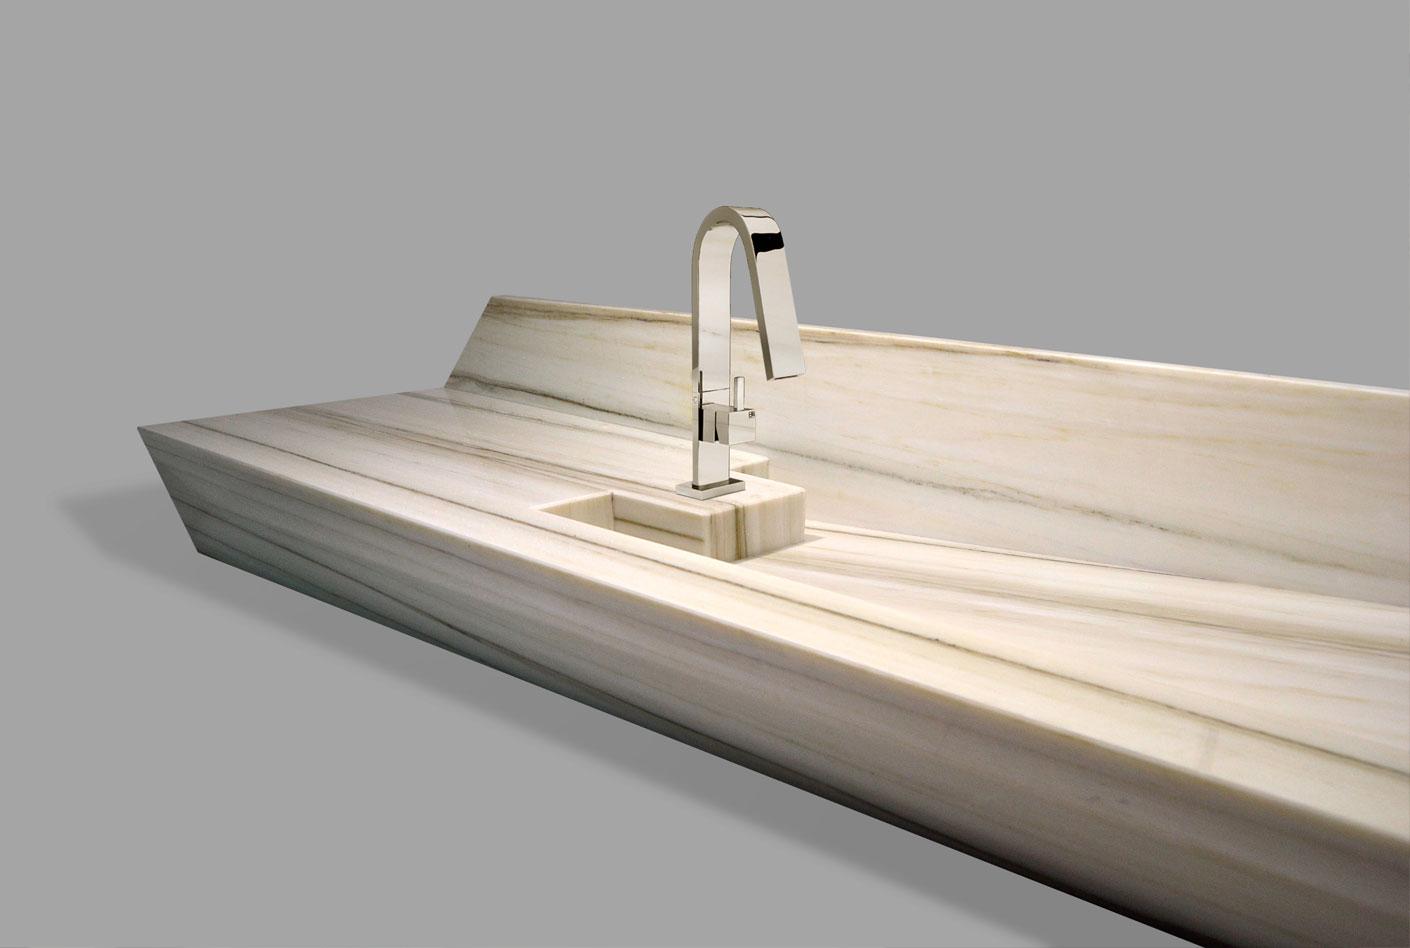 Etrusca Marmi lavabo moderno in marmo